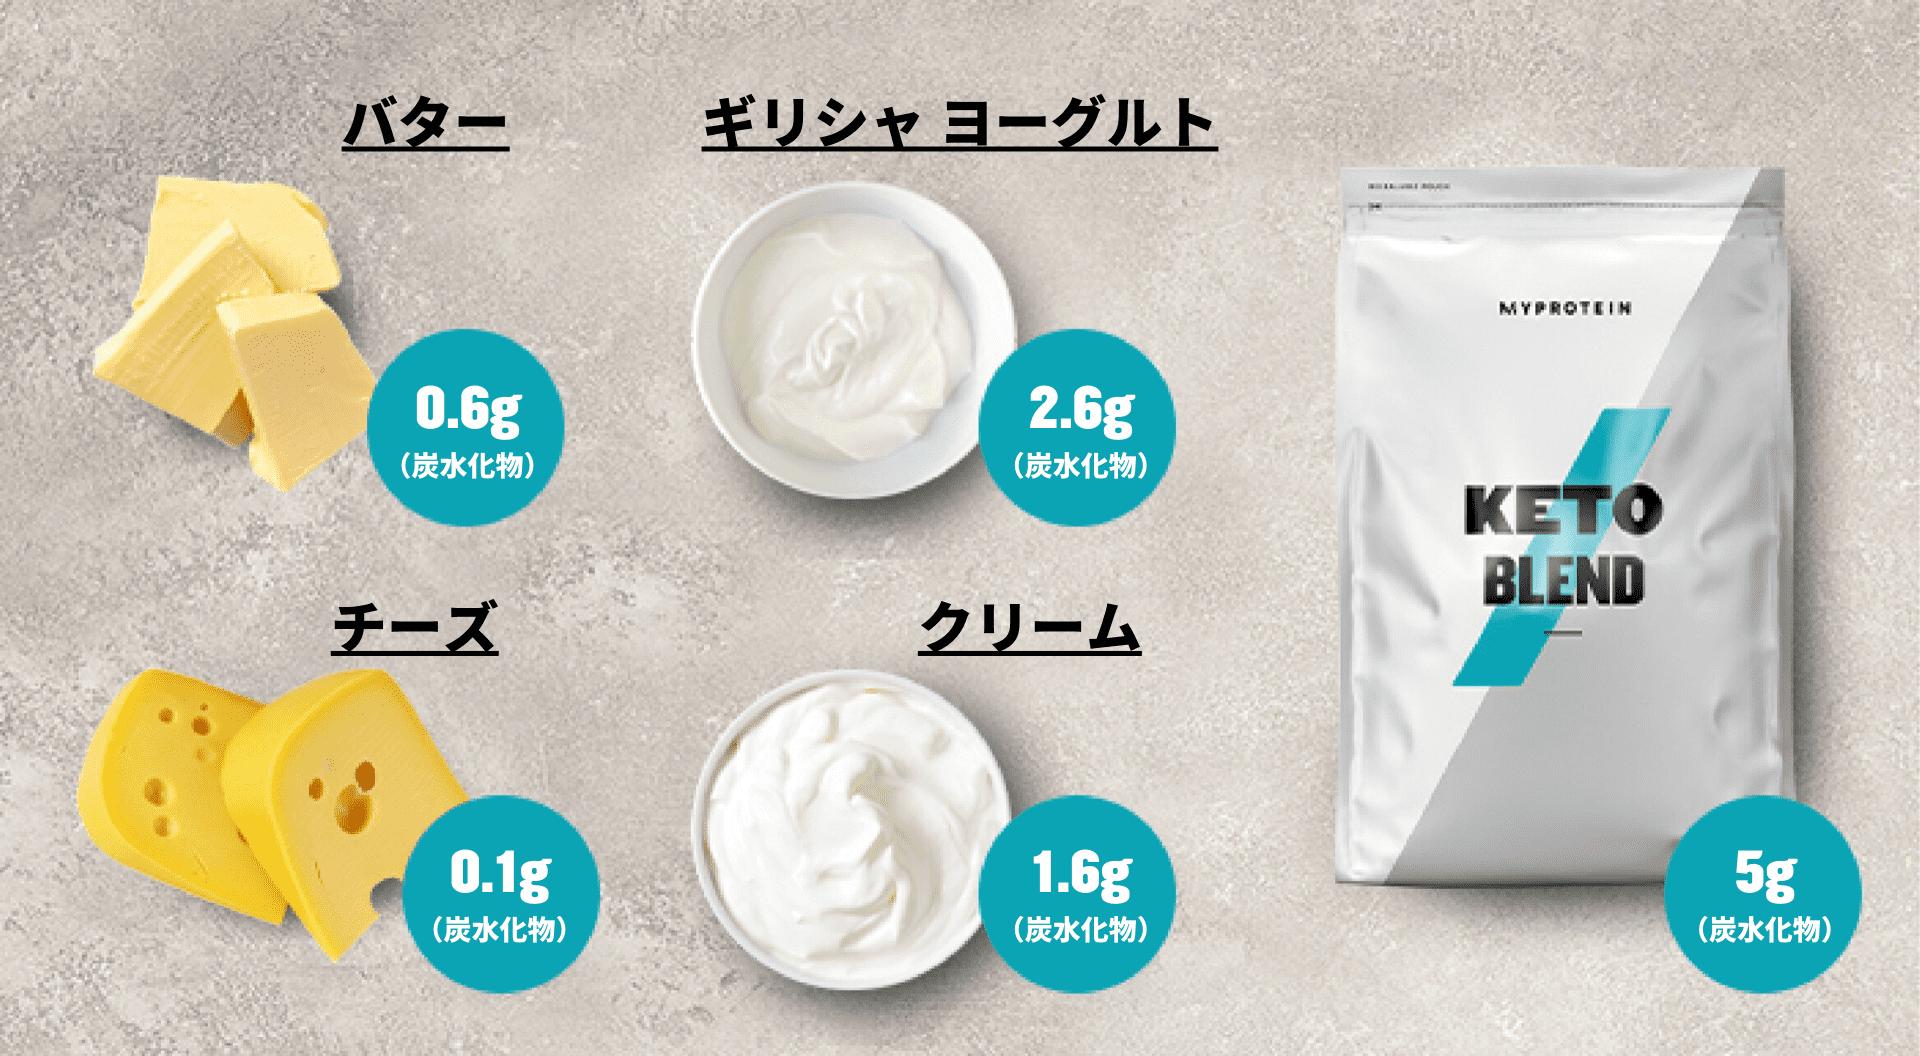 ケトジェニックダイエット 脂質の多い乳製品|マイプロテイン